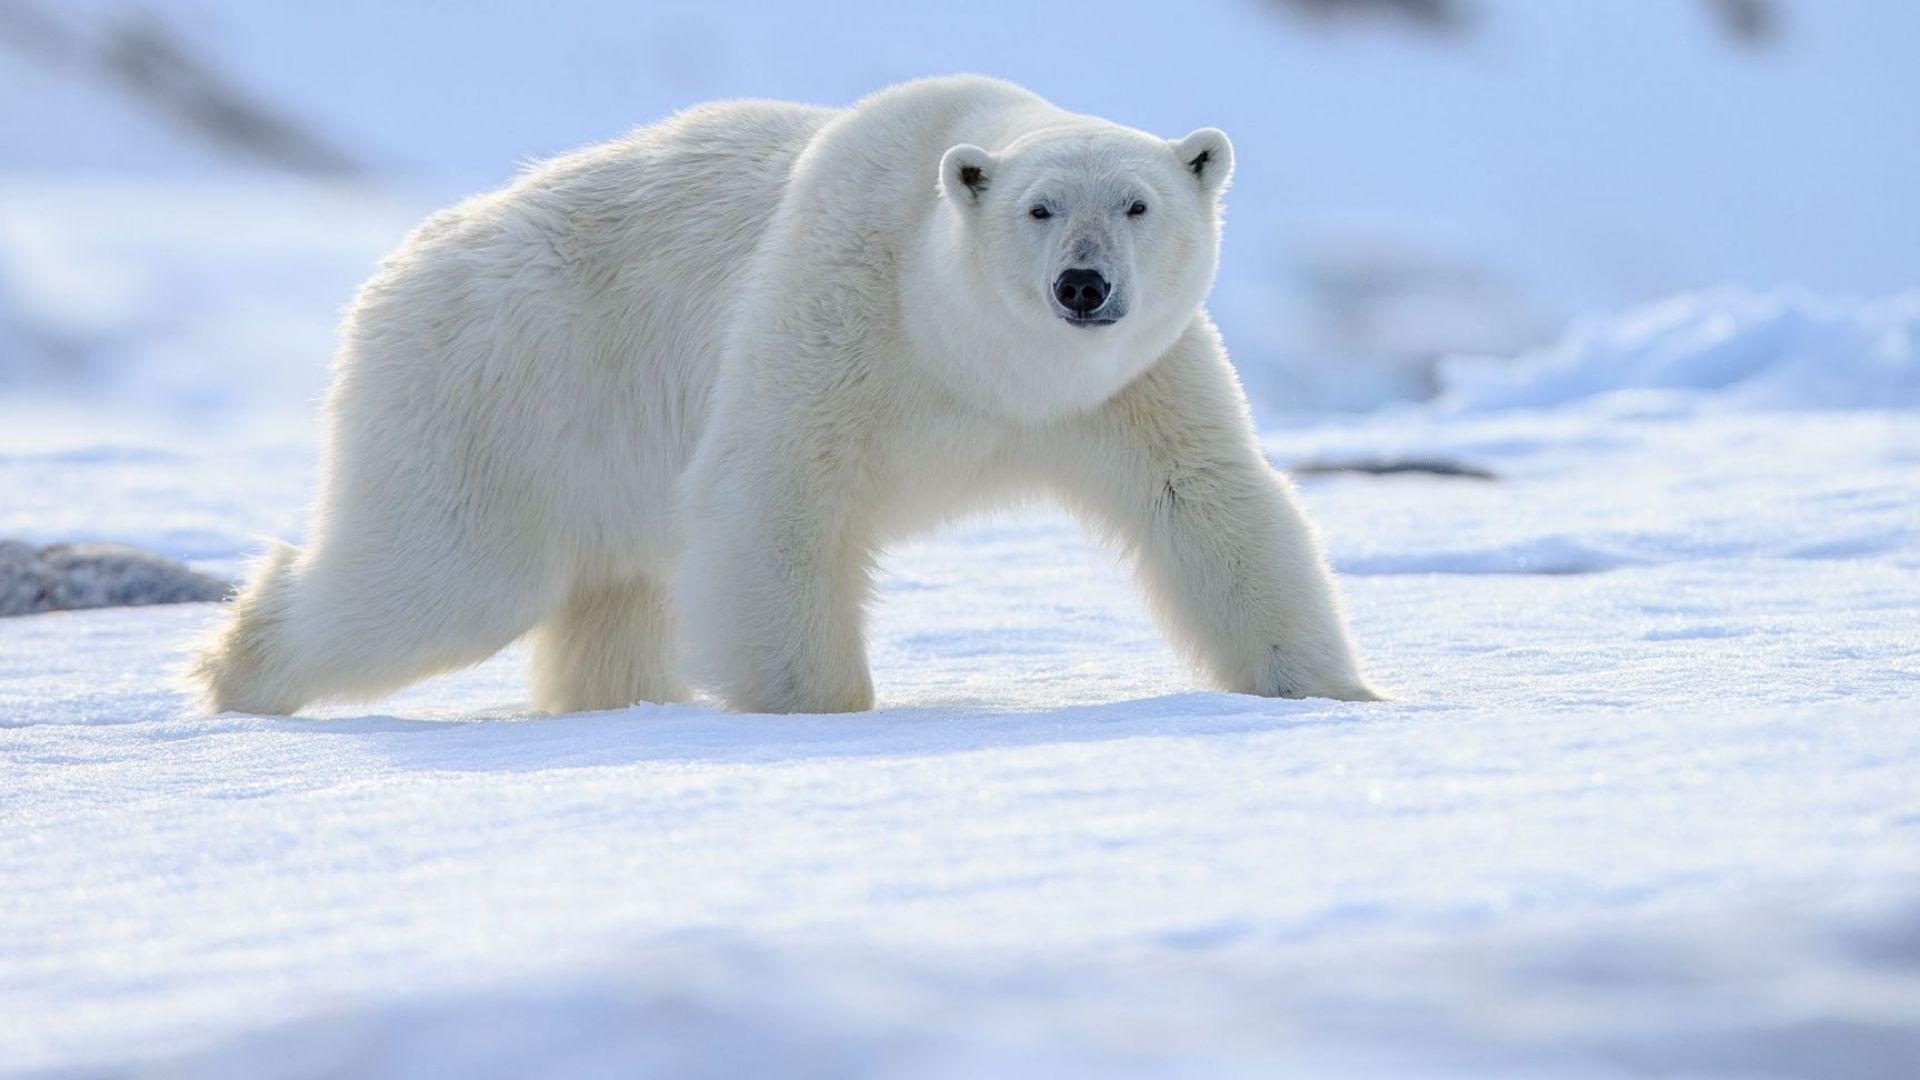 Русия въвежда правила за срещи с бели мечки в Арктика